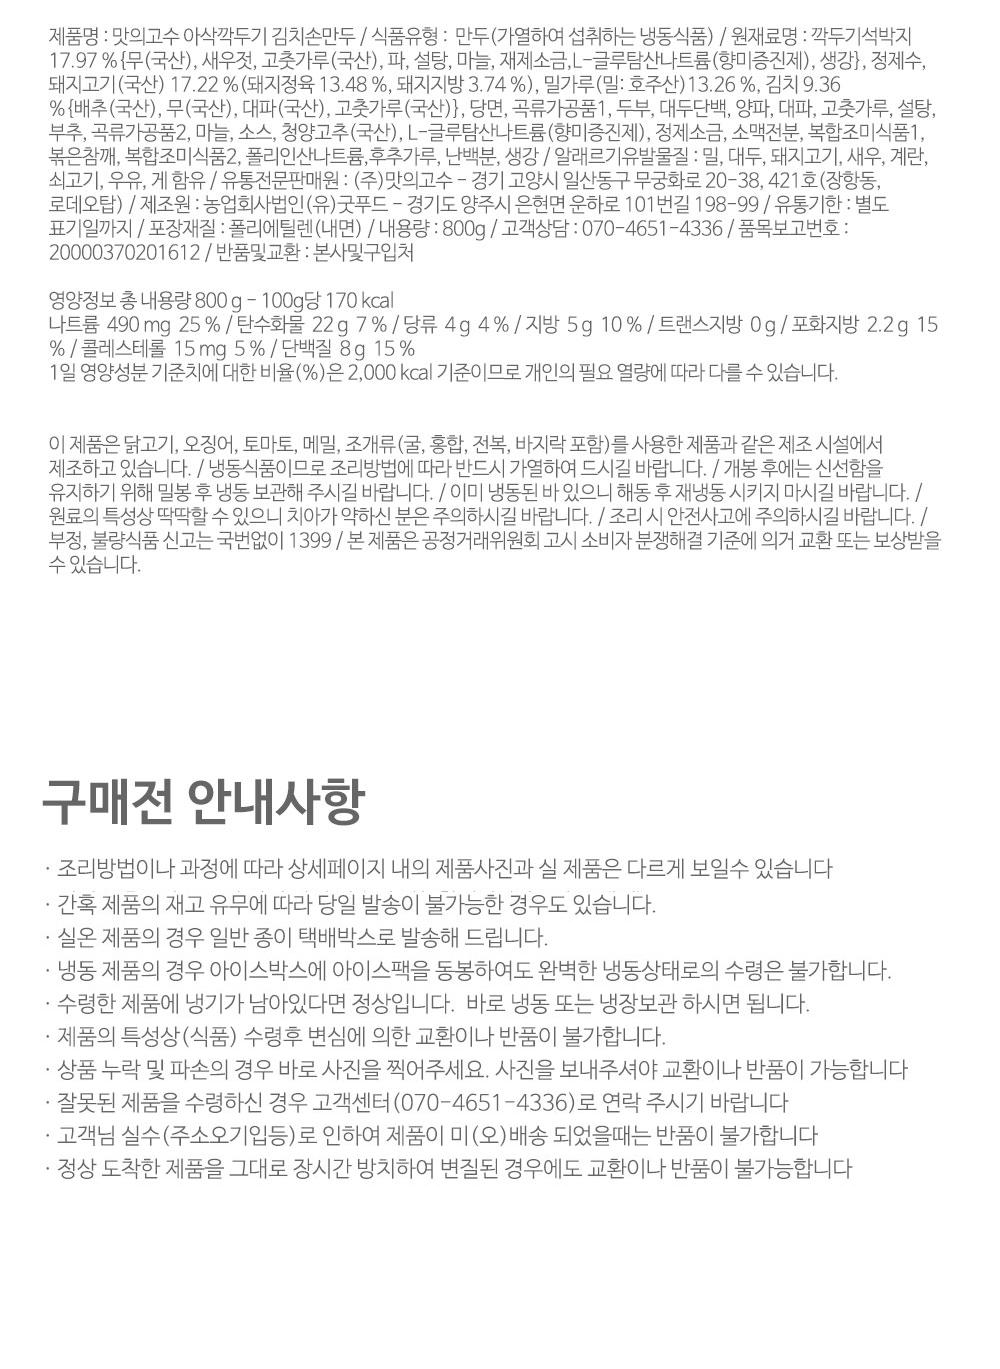 detail_mandu_kimch_31.jpg